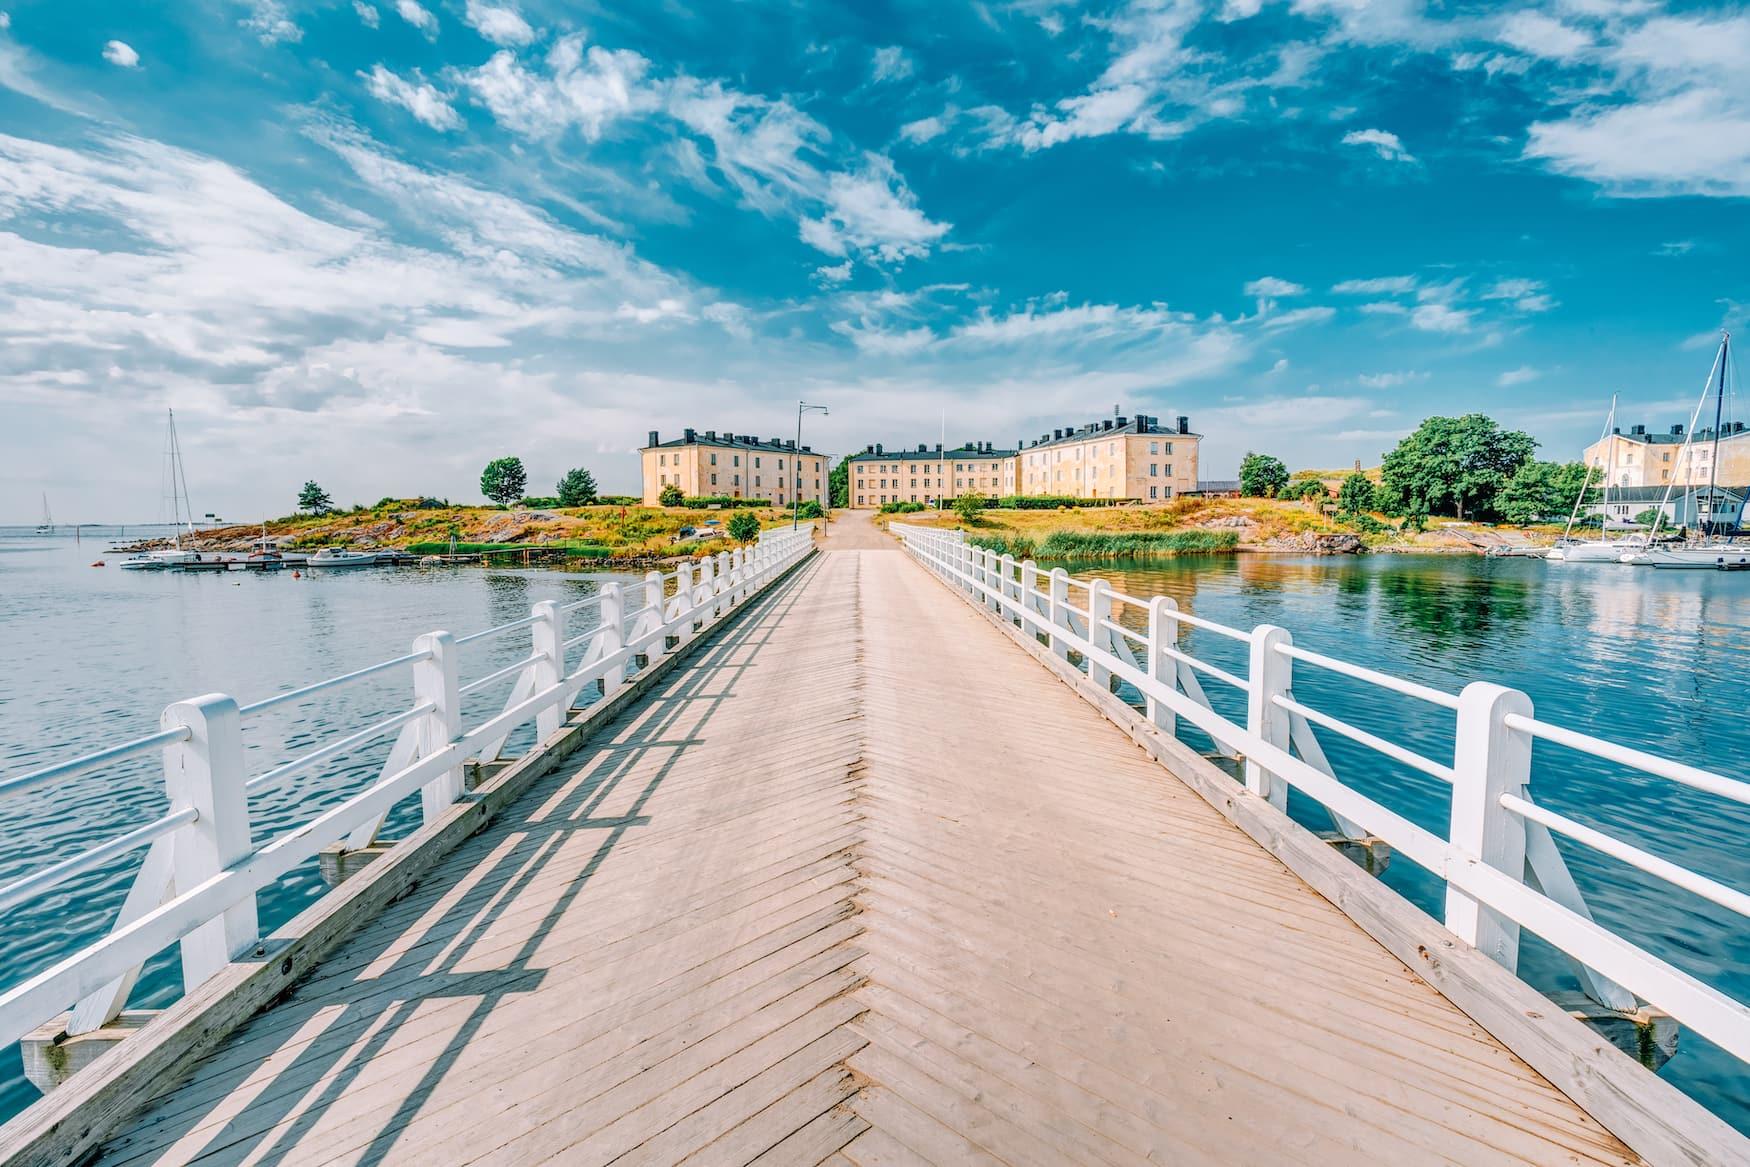 Brücke zur Festung Suomenlinna